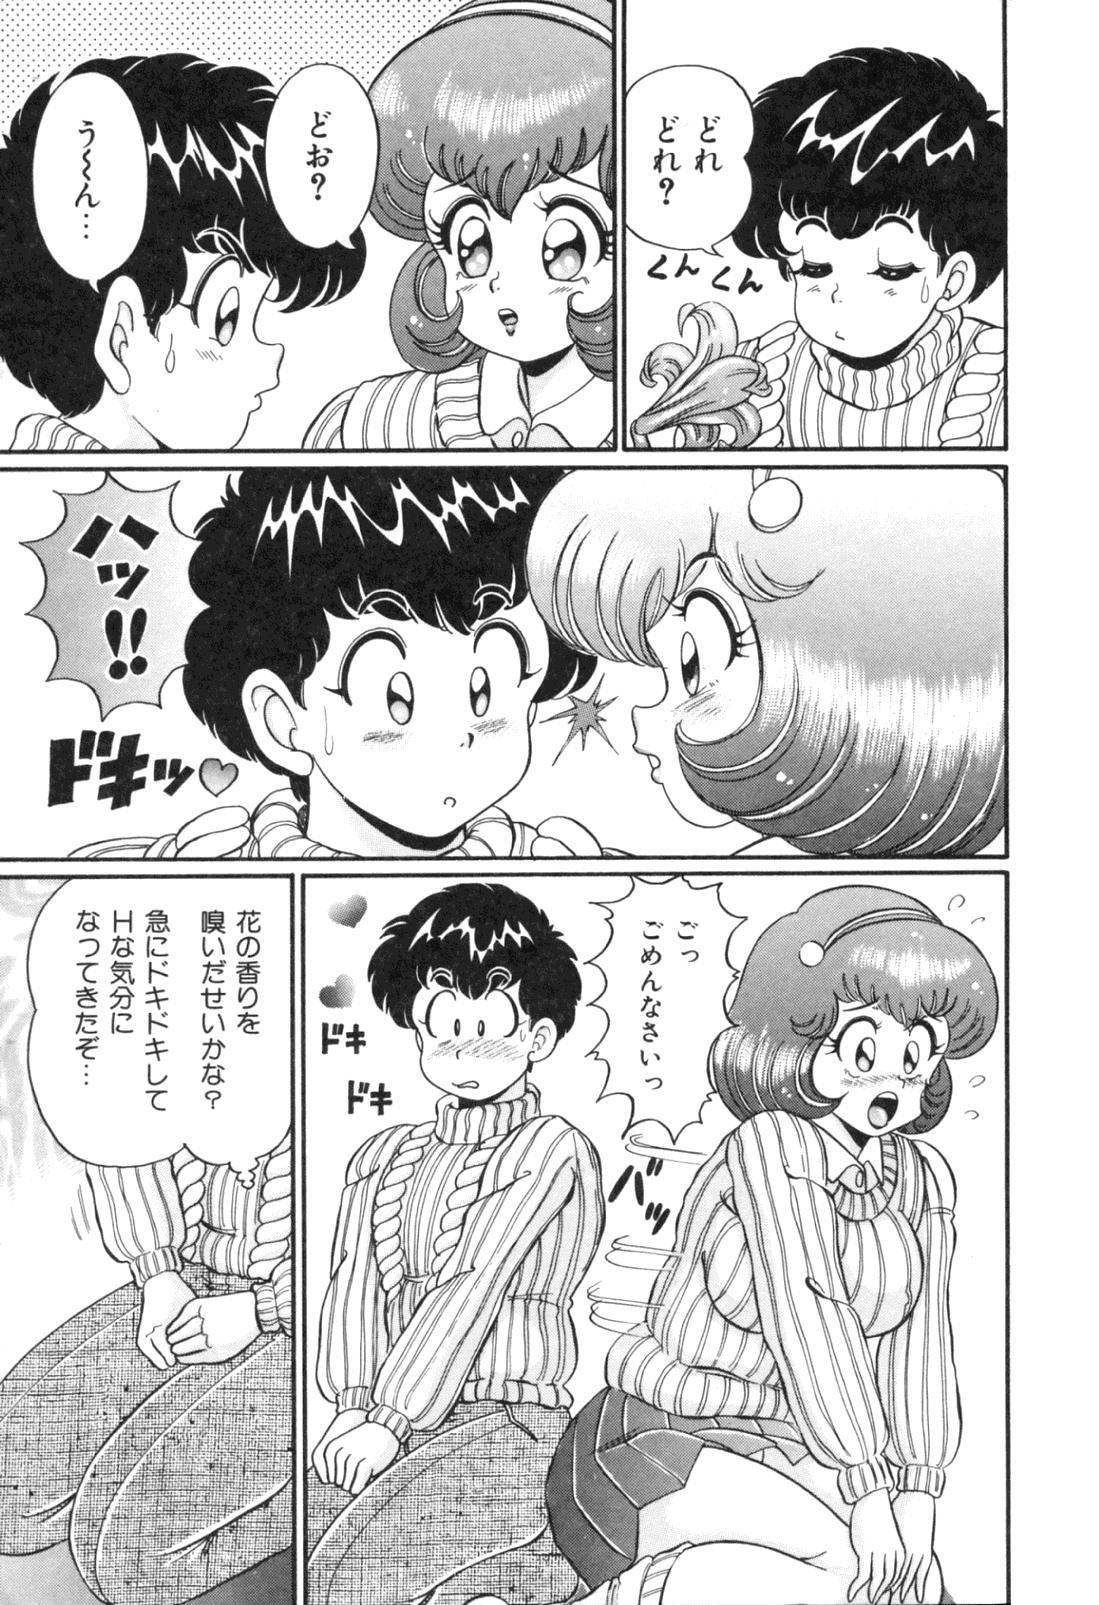 [Watanabe Wataru] Tonari no Onee-san - Sister of Neighborhood 105